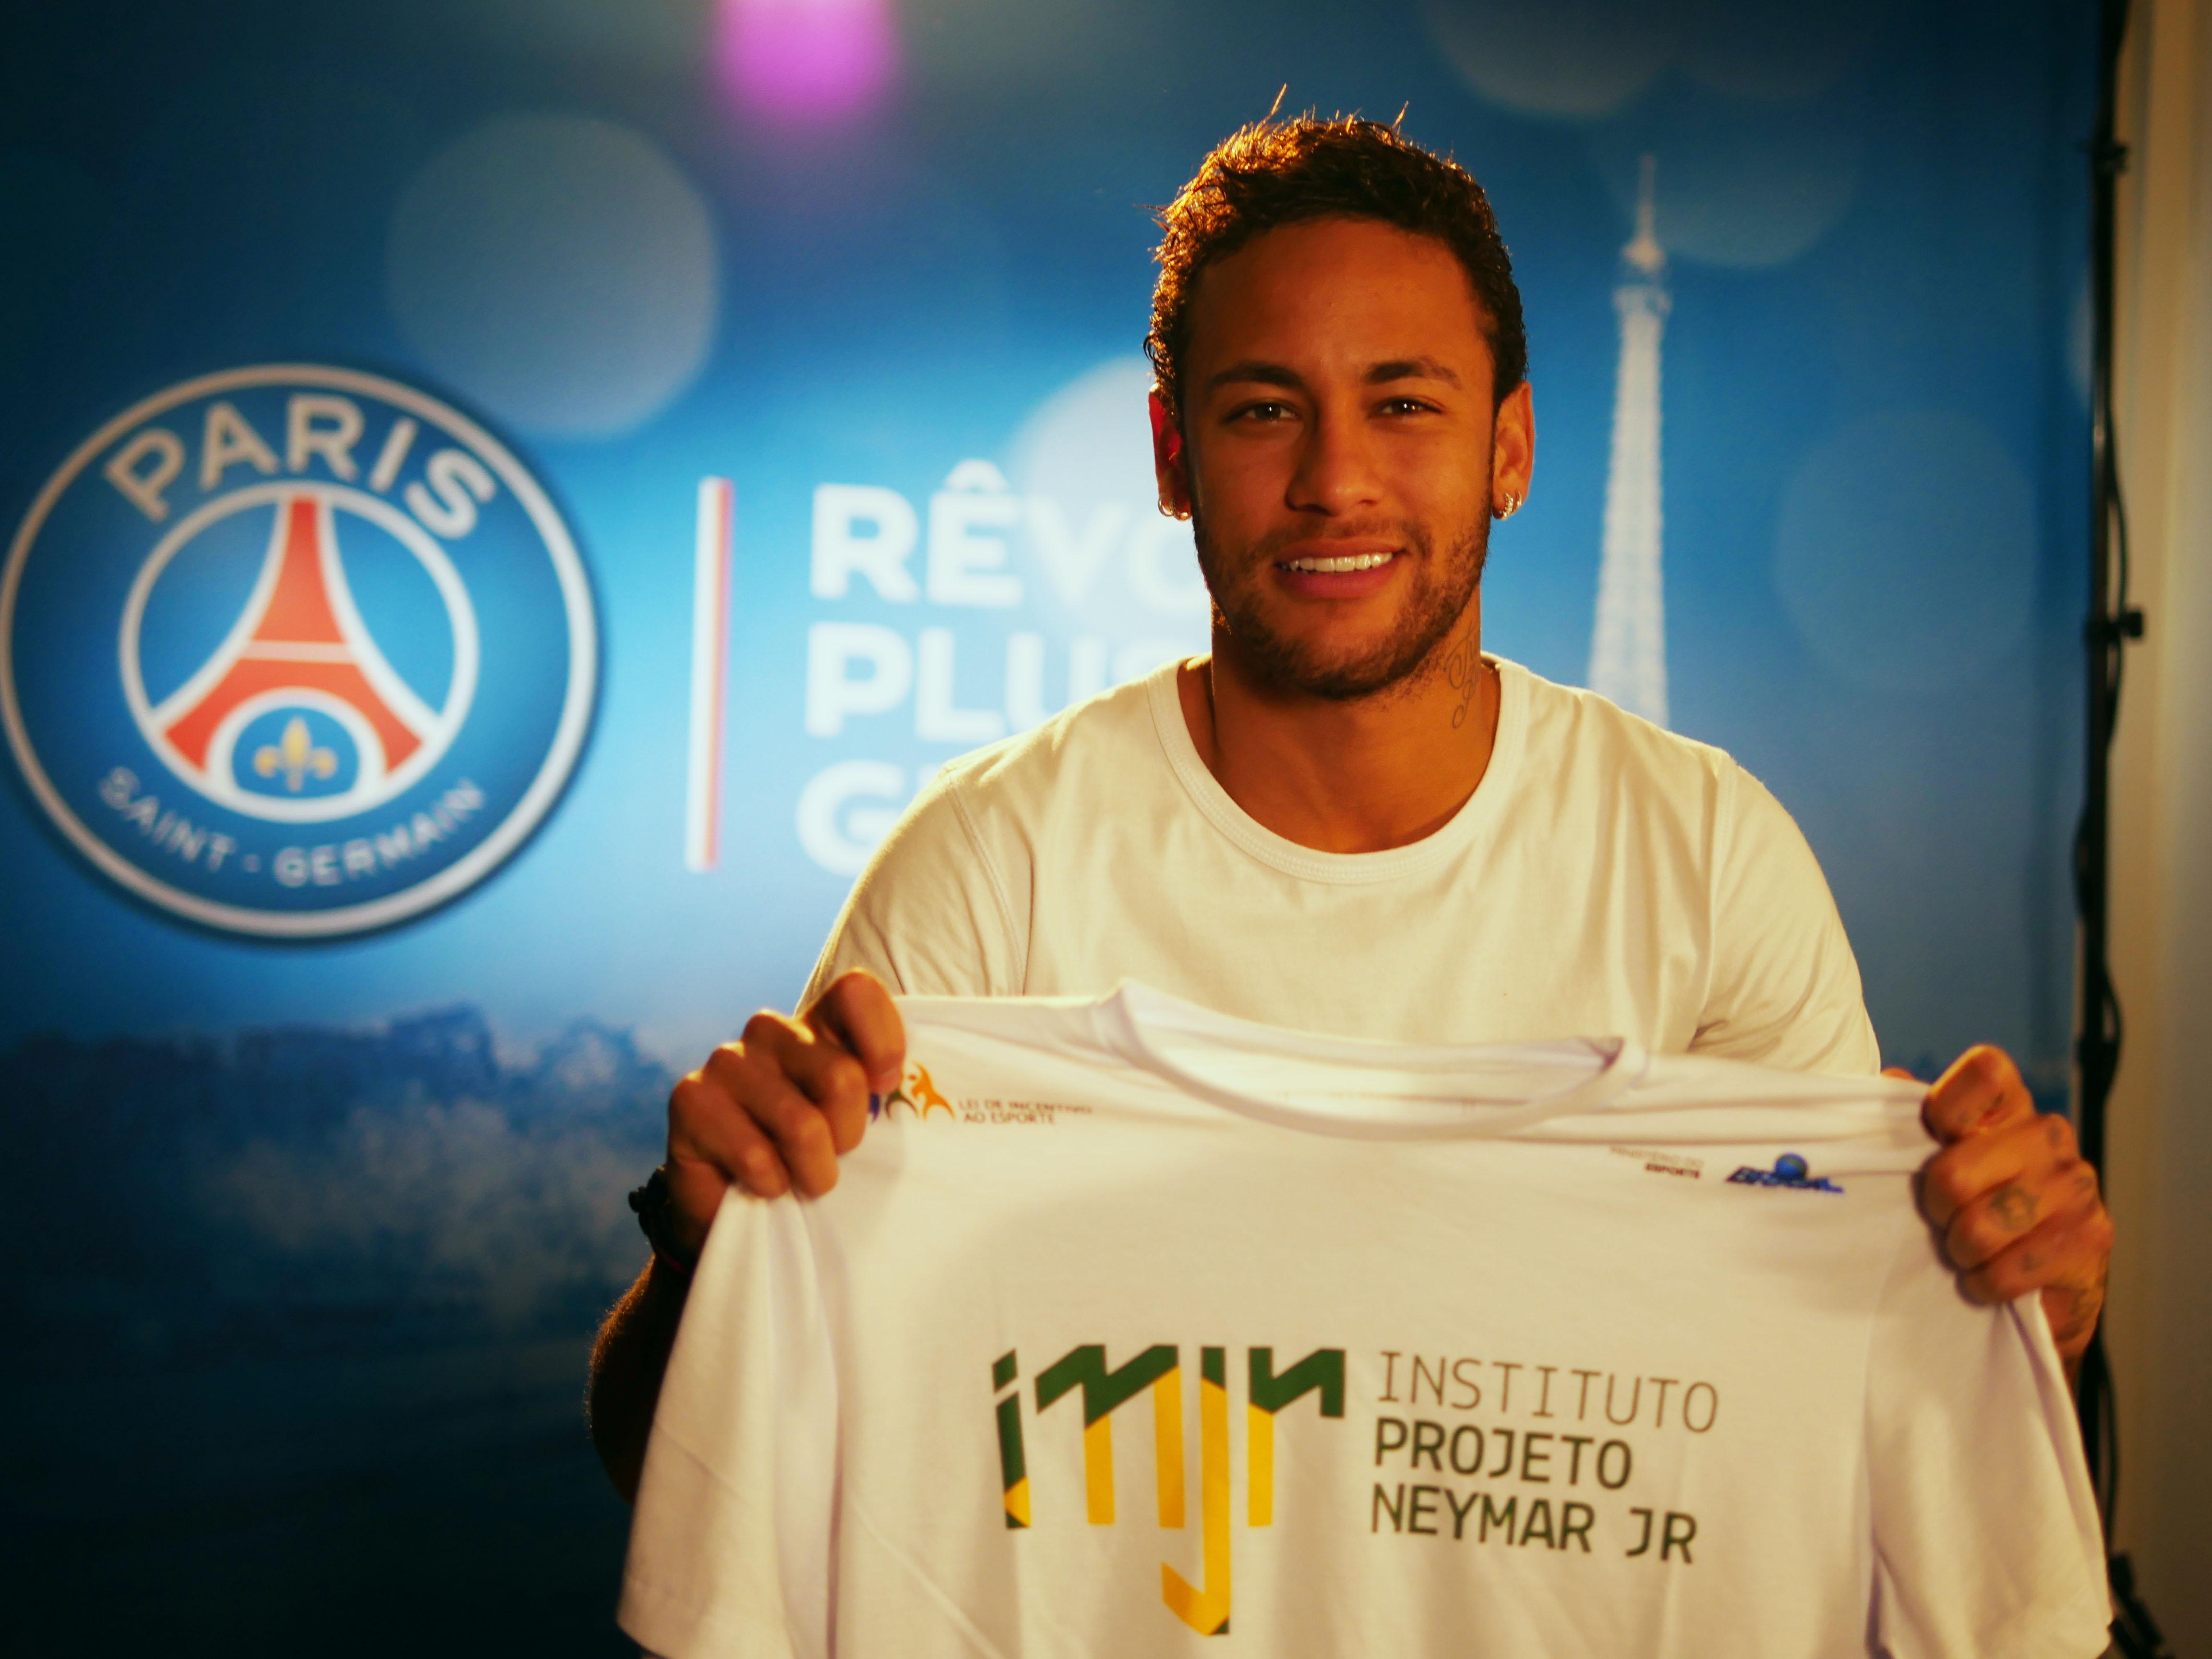 Instituto Neymar Conheça O Lado Caridoso Do Craque